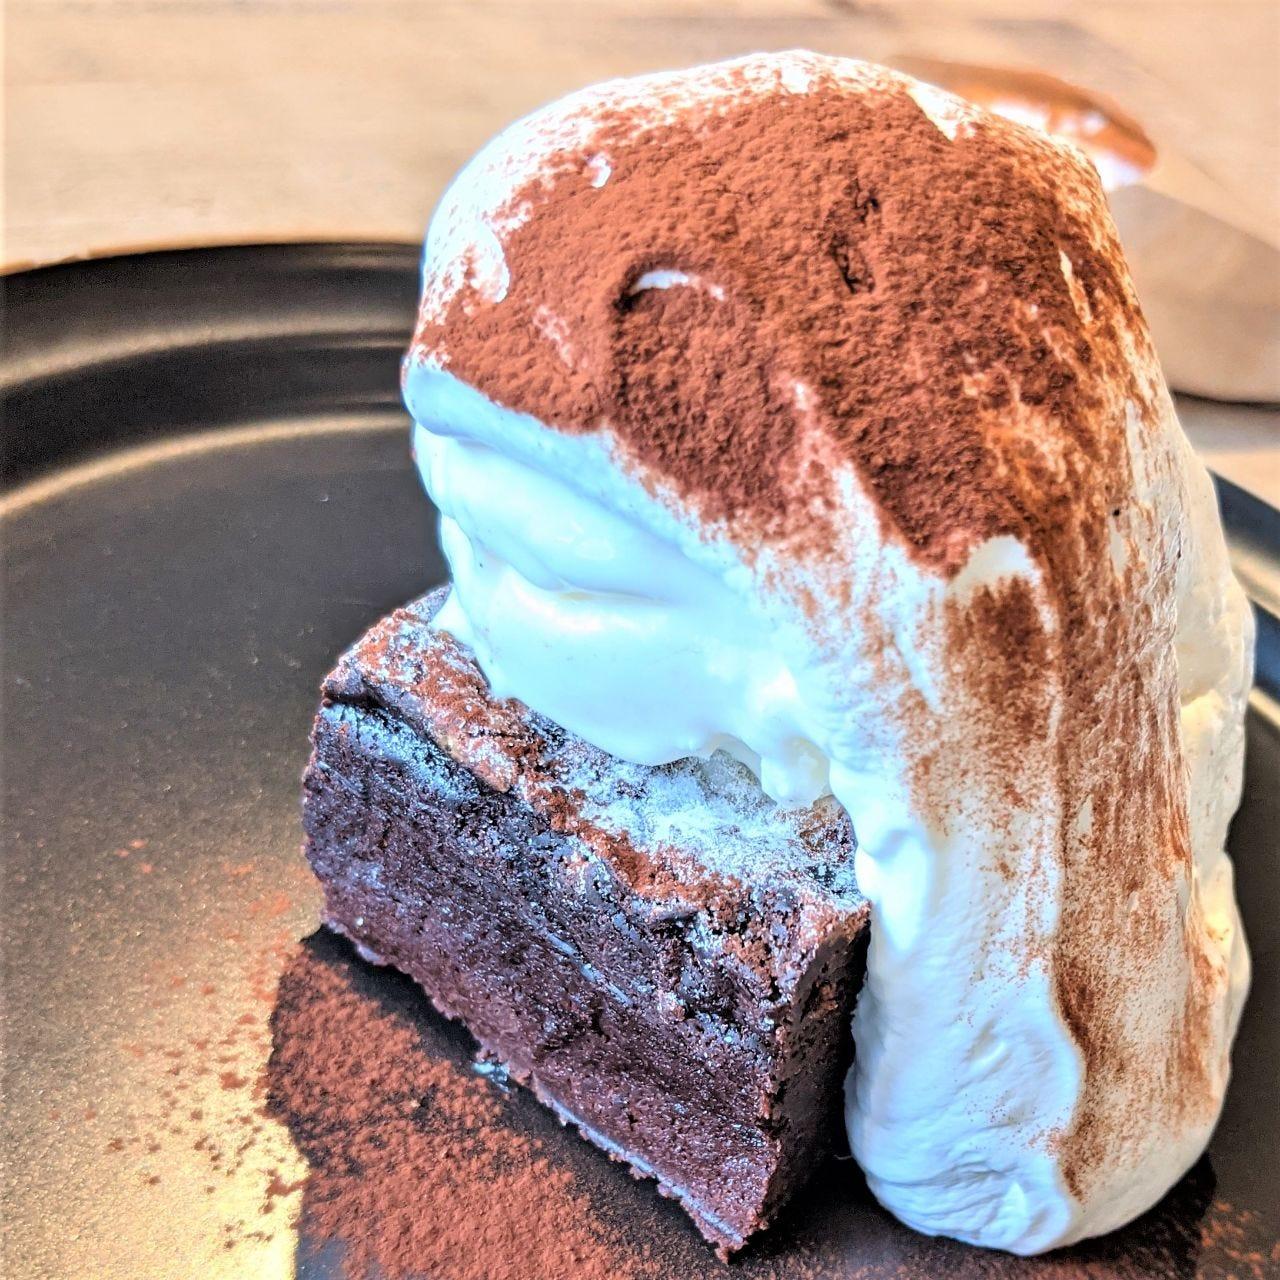 ケーキと相性抜群なジェラートと純生クリームとご一緒にどうぞ♪